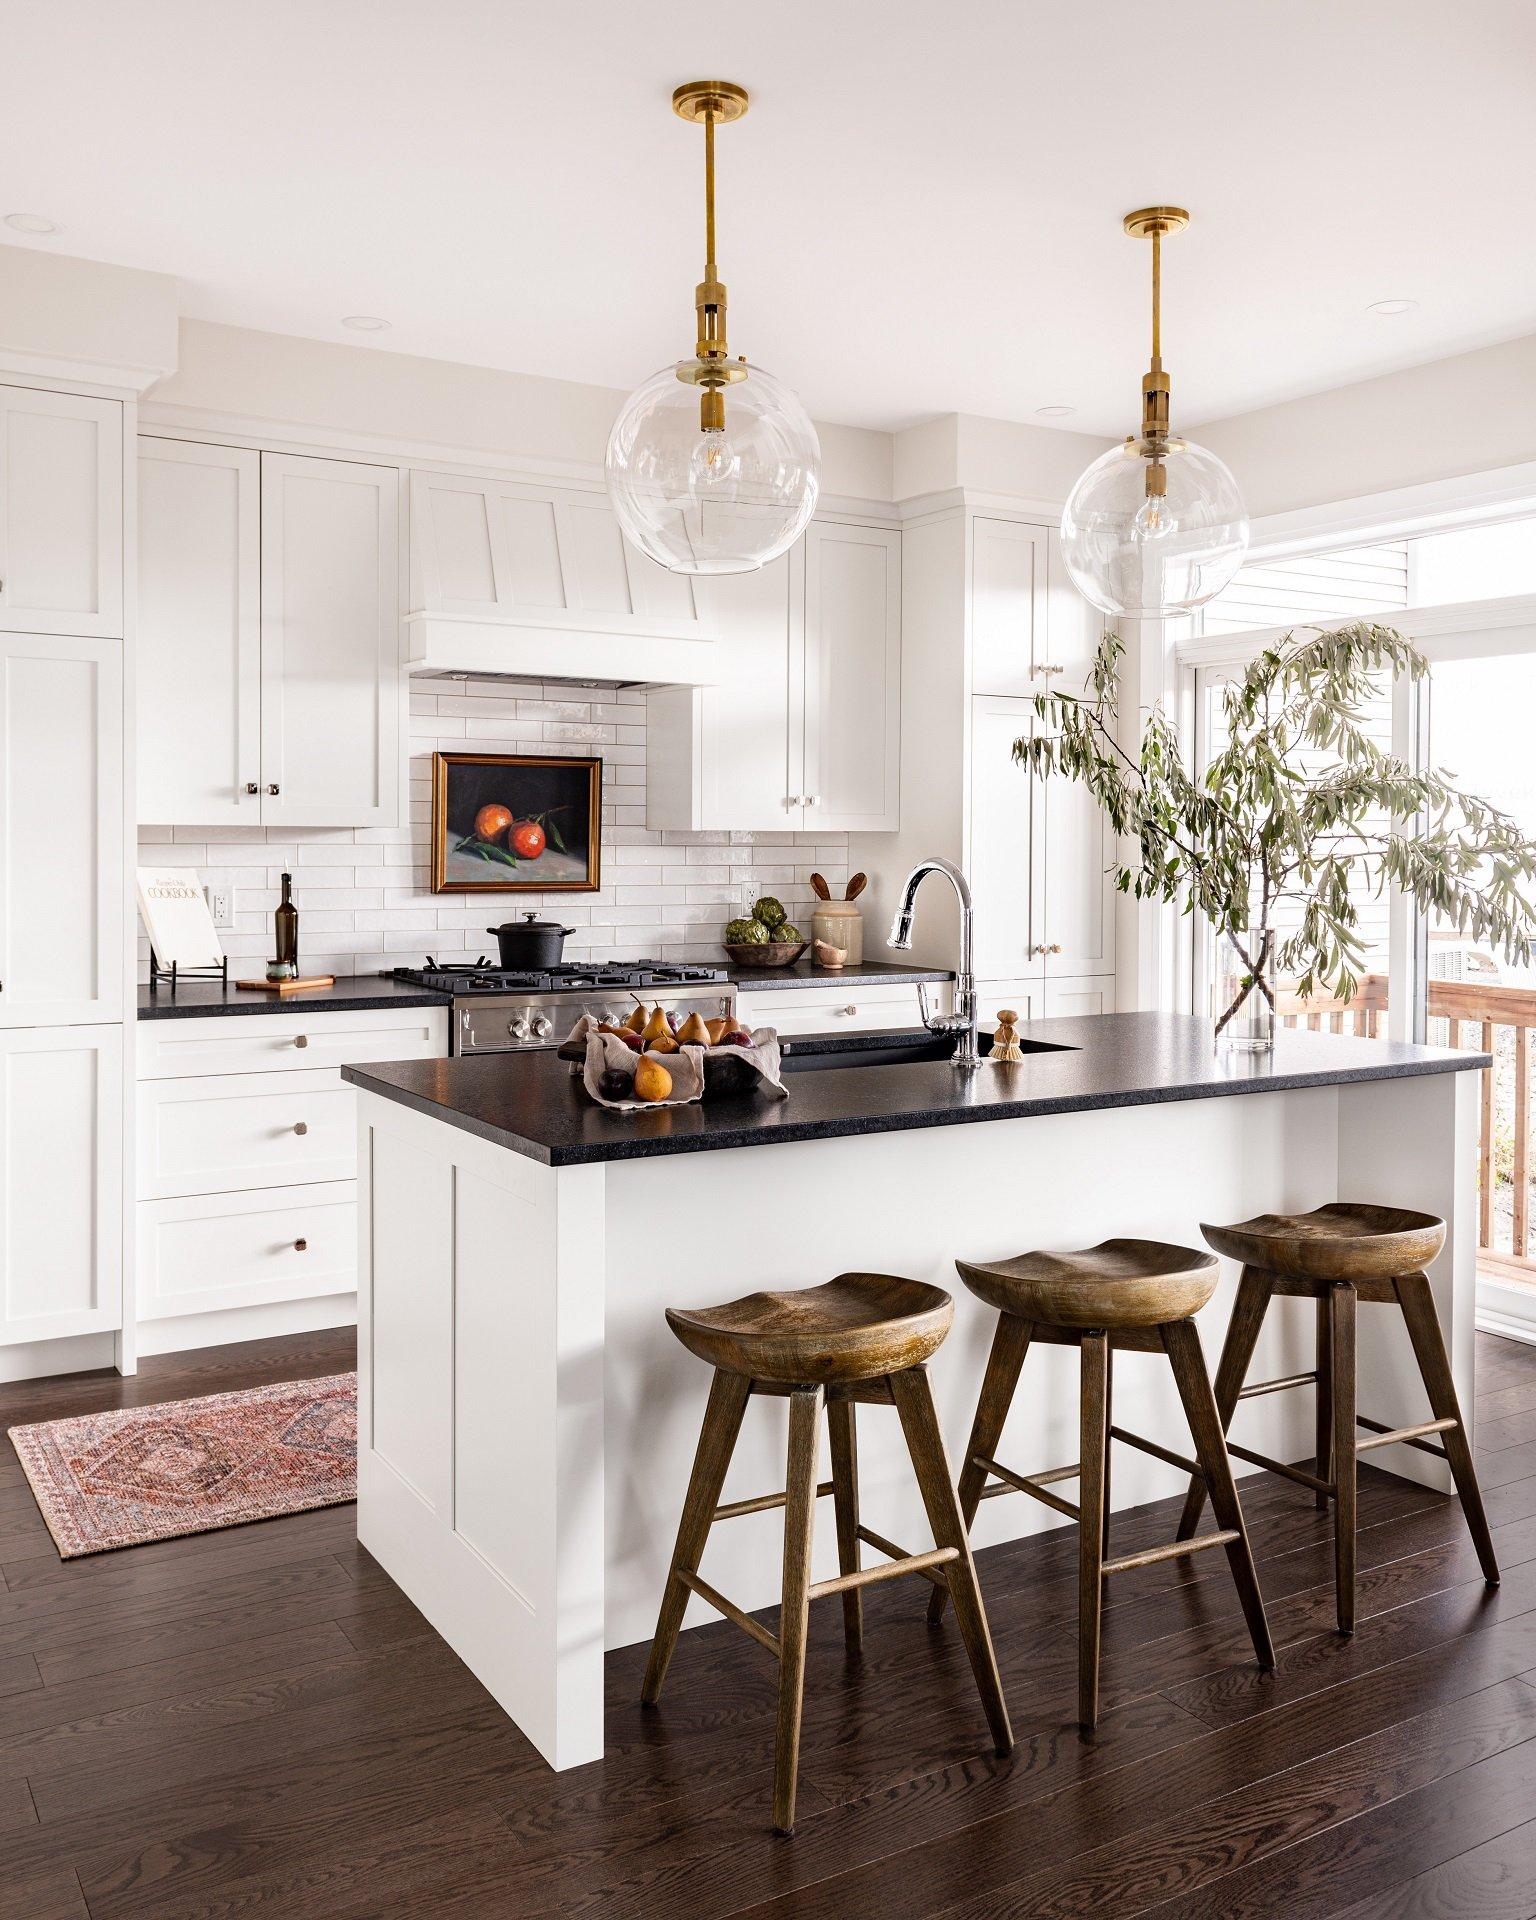 A kitchen design featuring dark countertops.